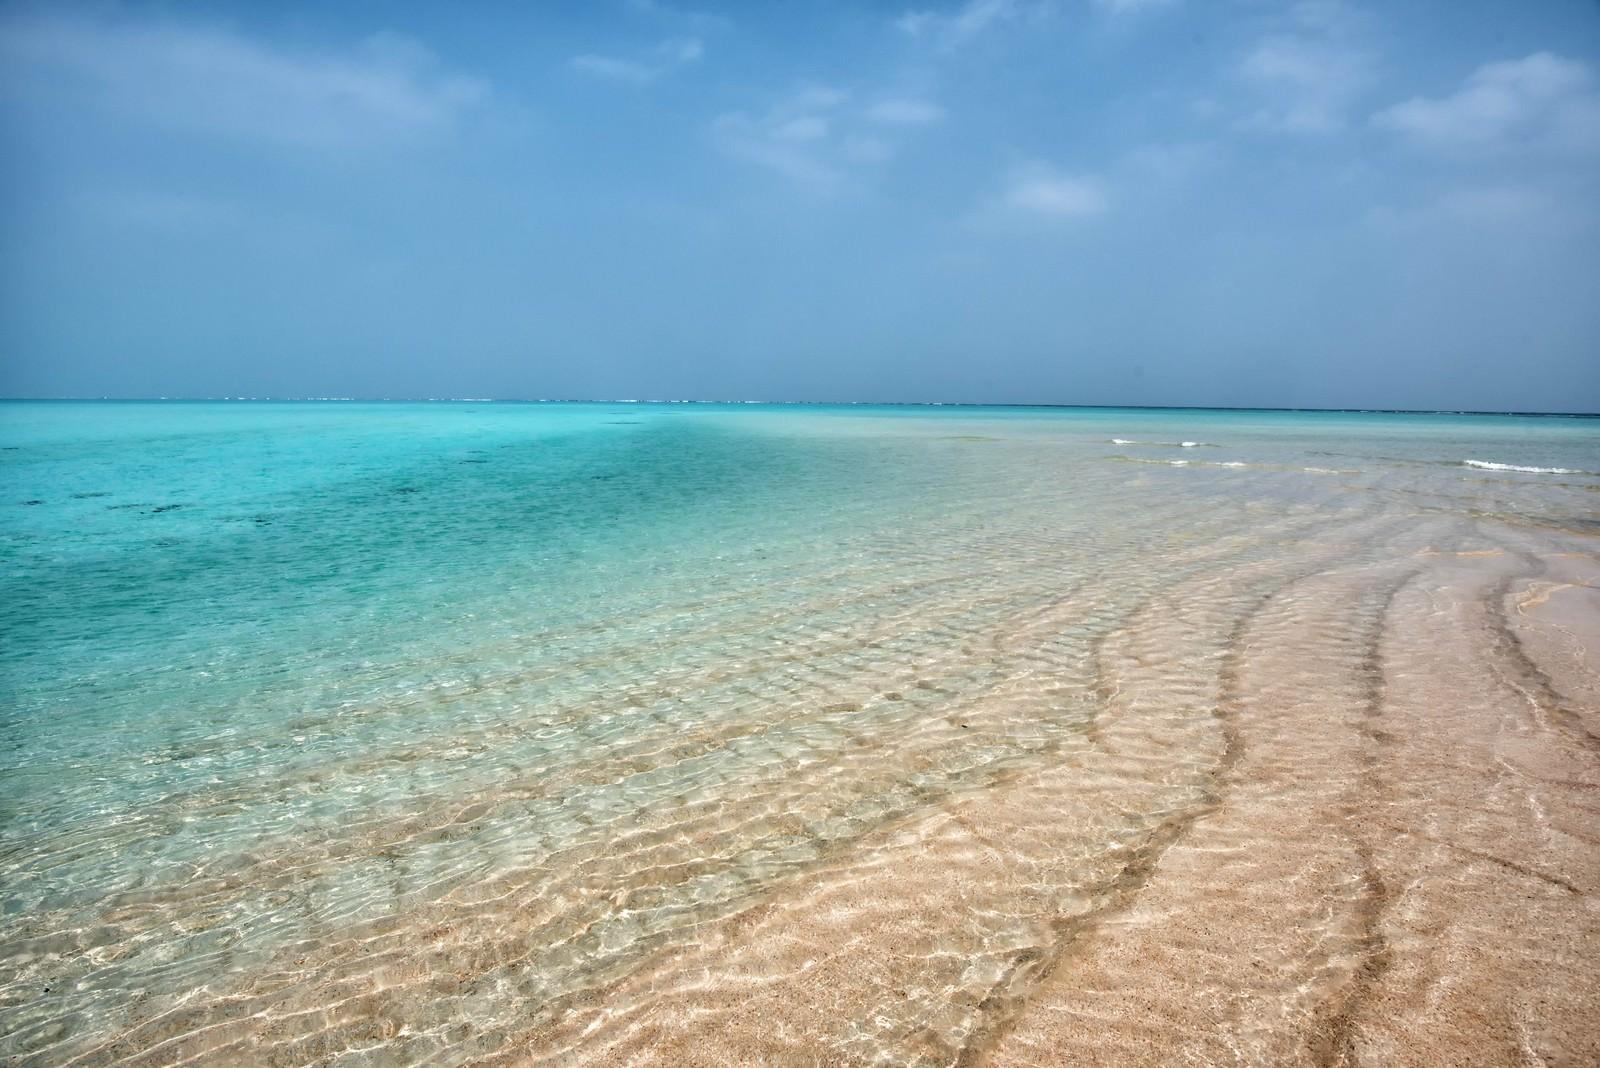 「百合ヶ浜の砂洲」の写真